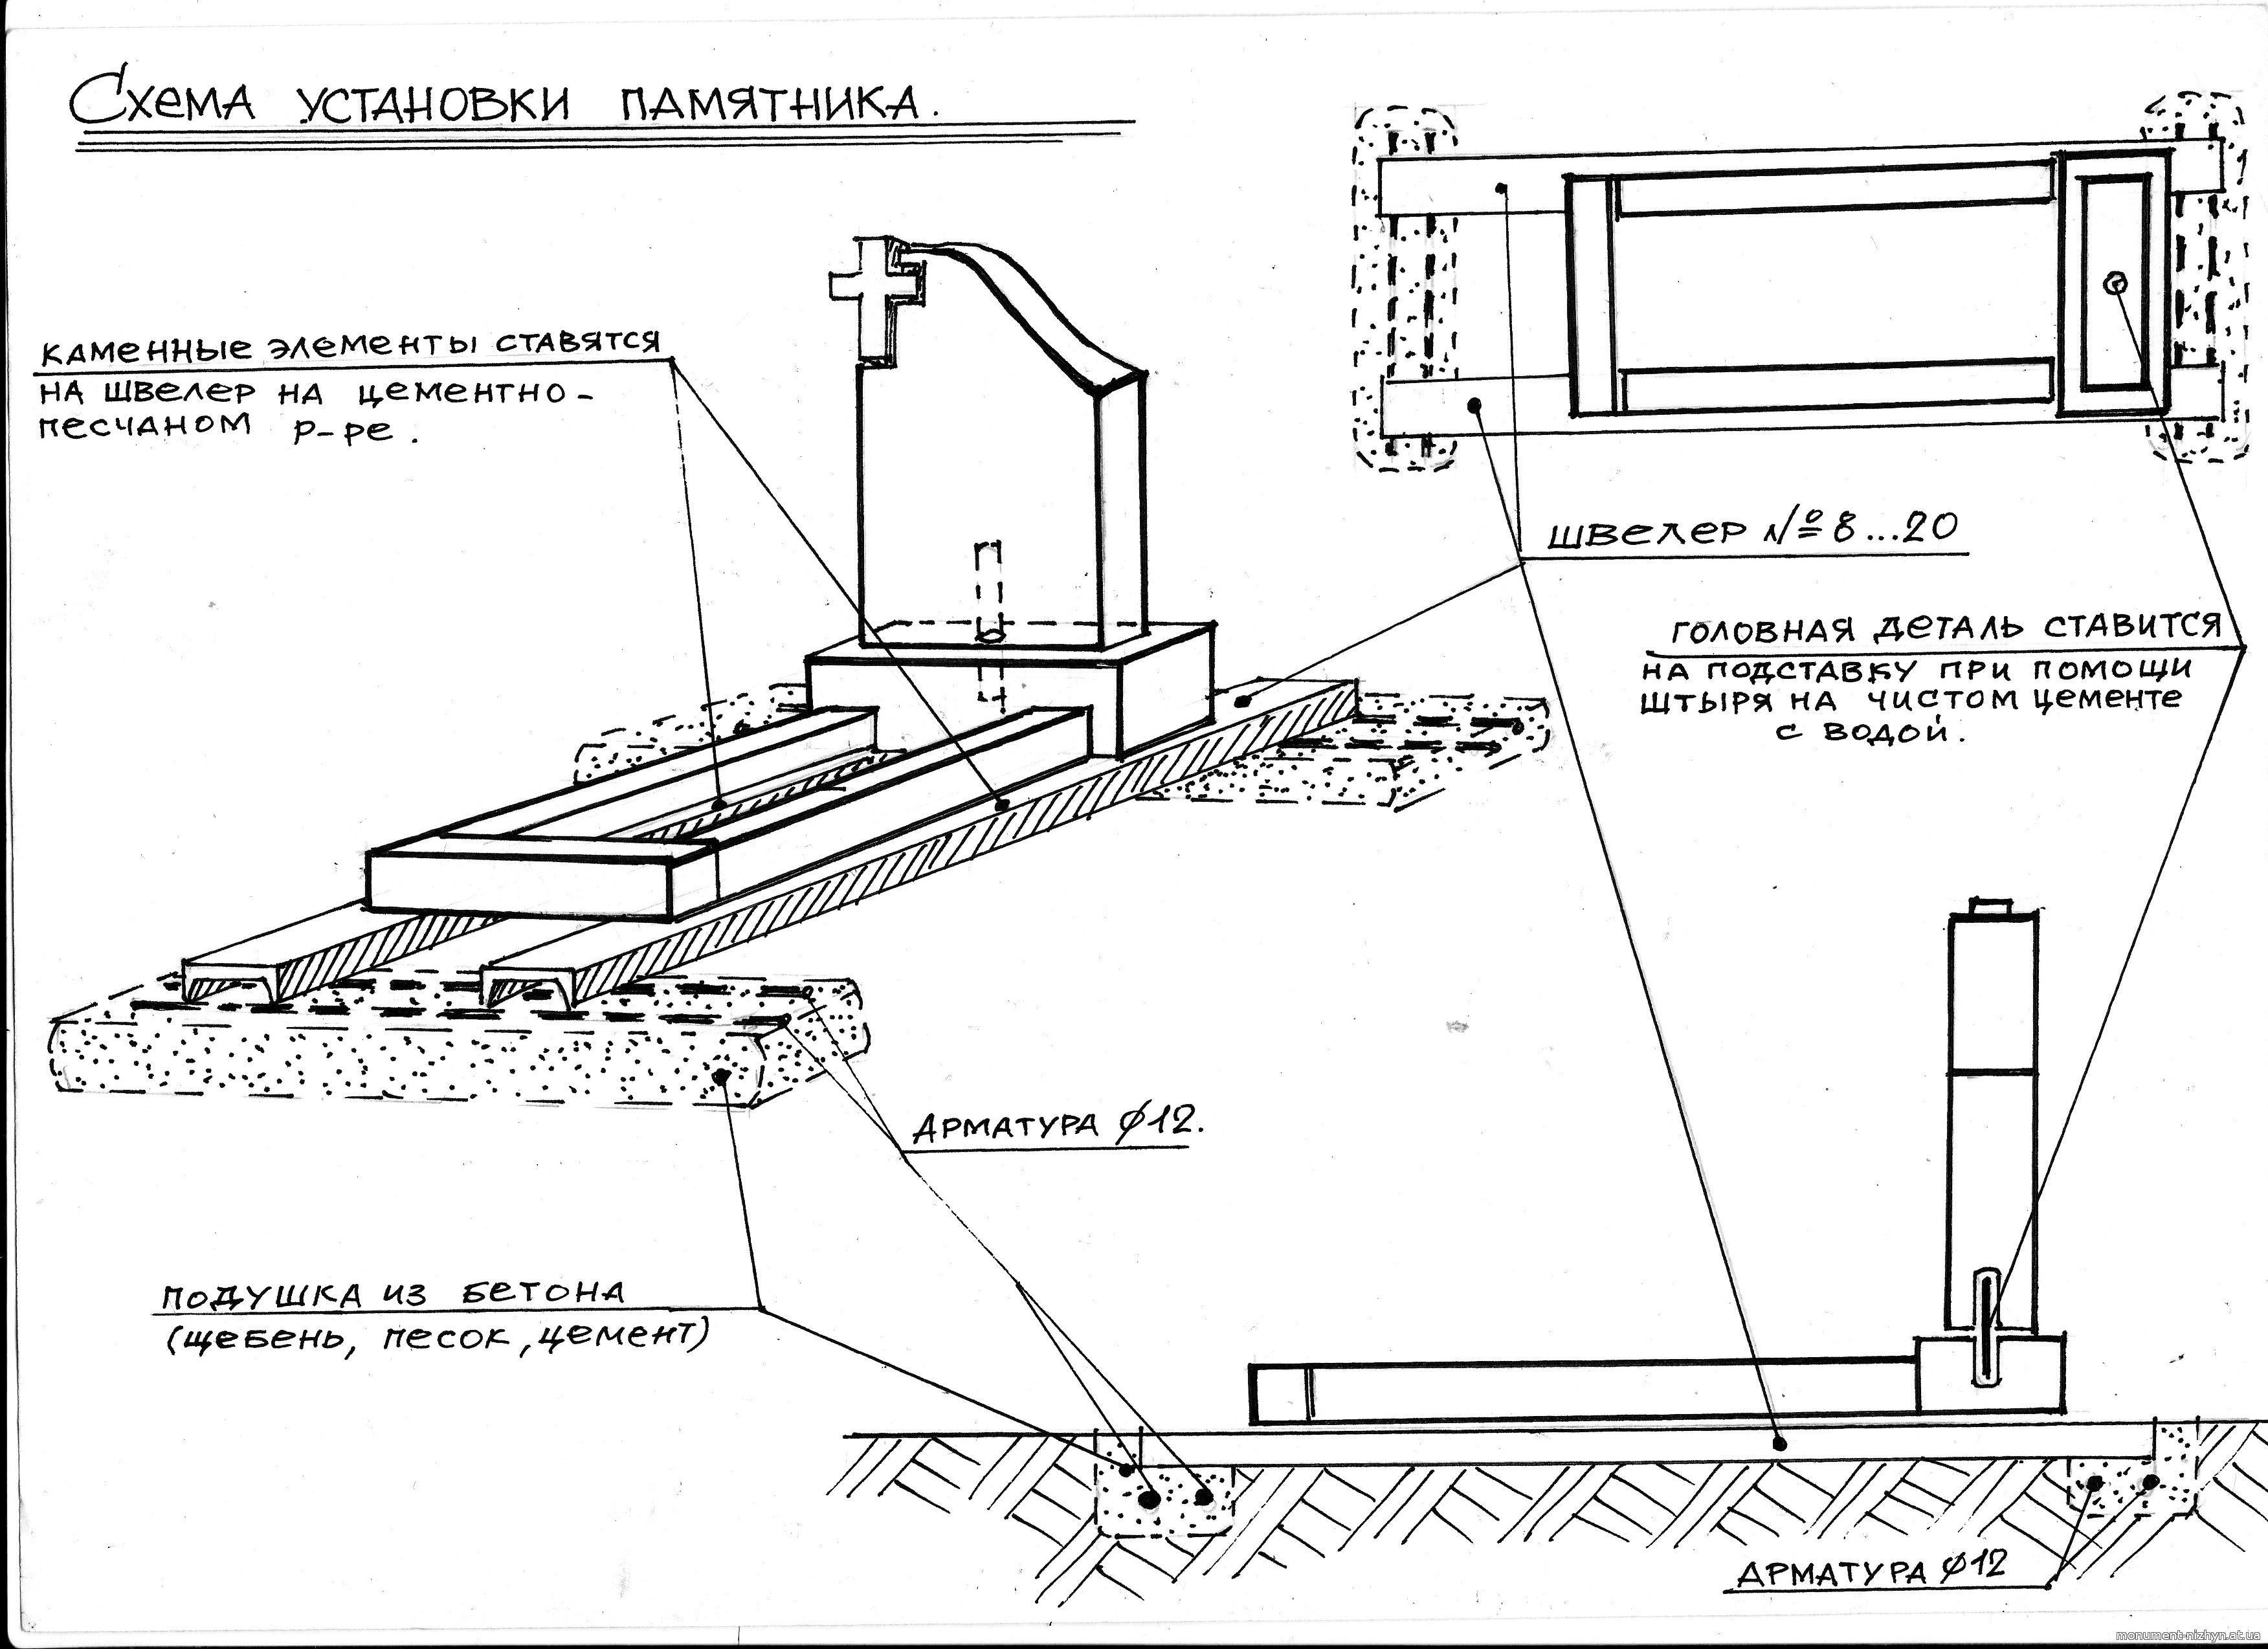 Схема установки гранитного памятника.